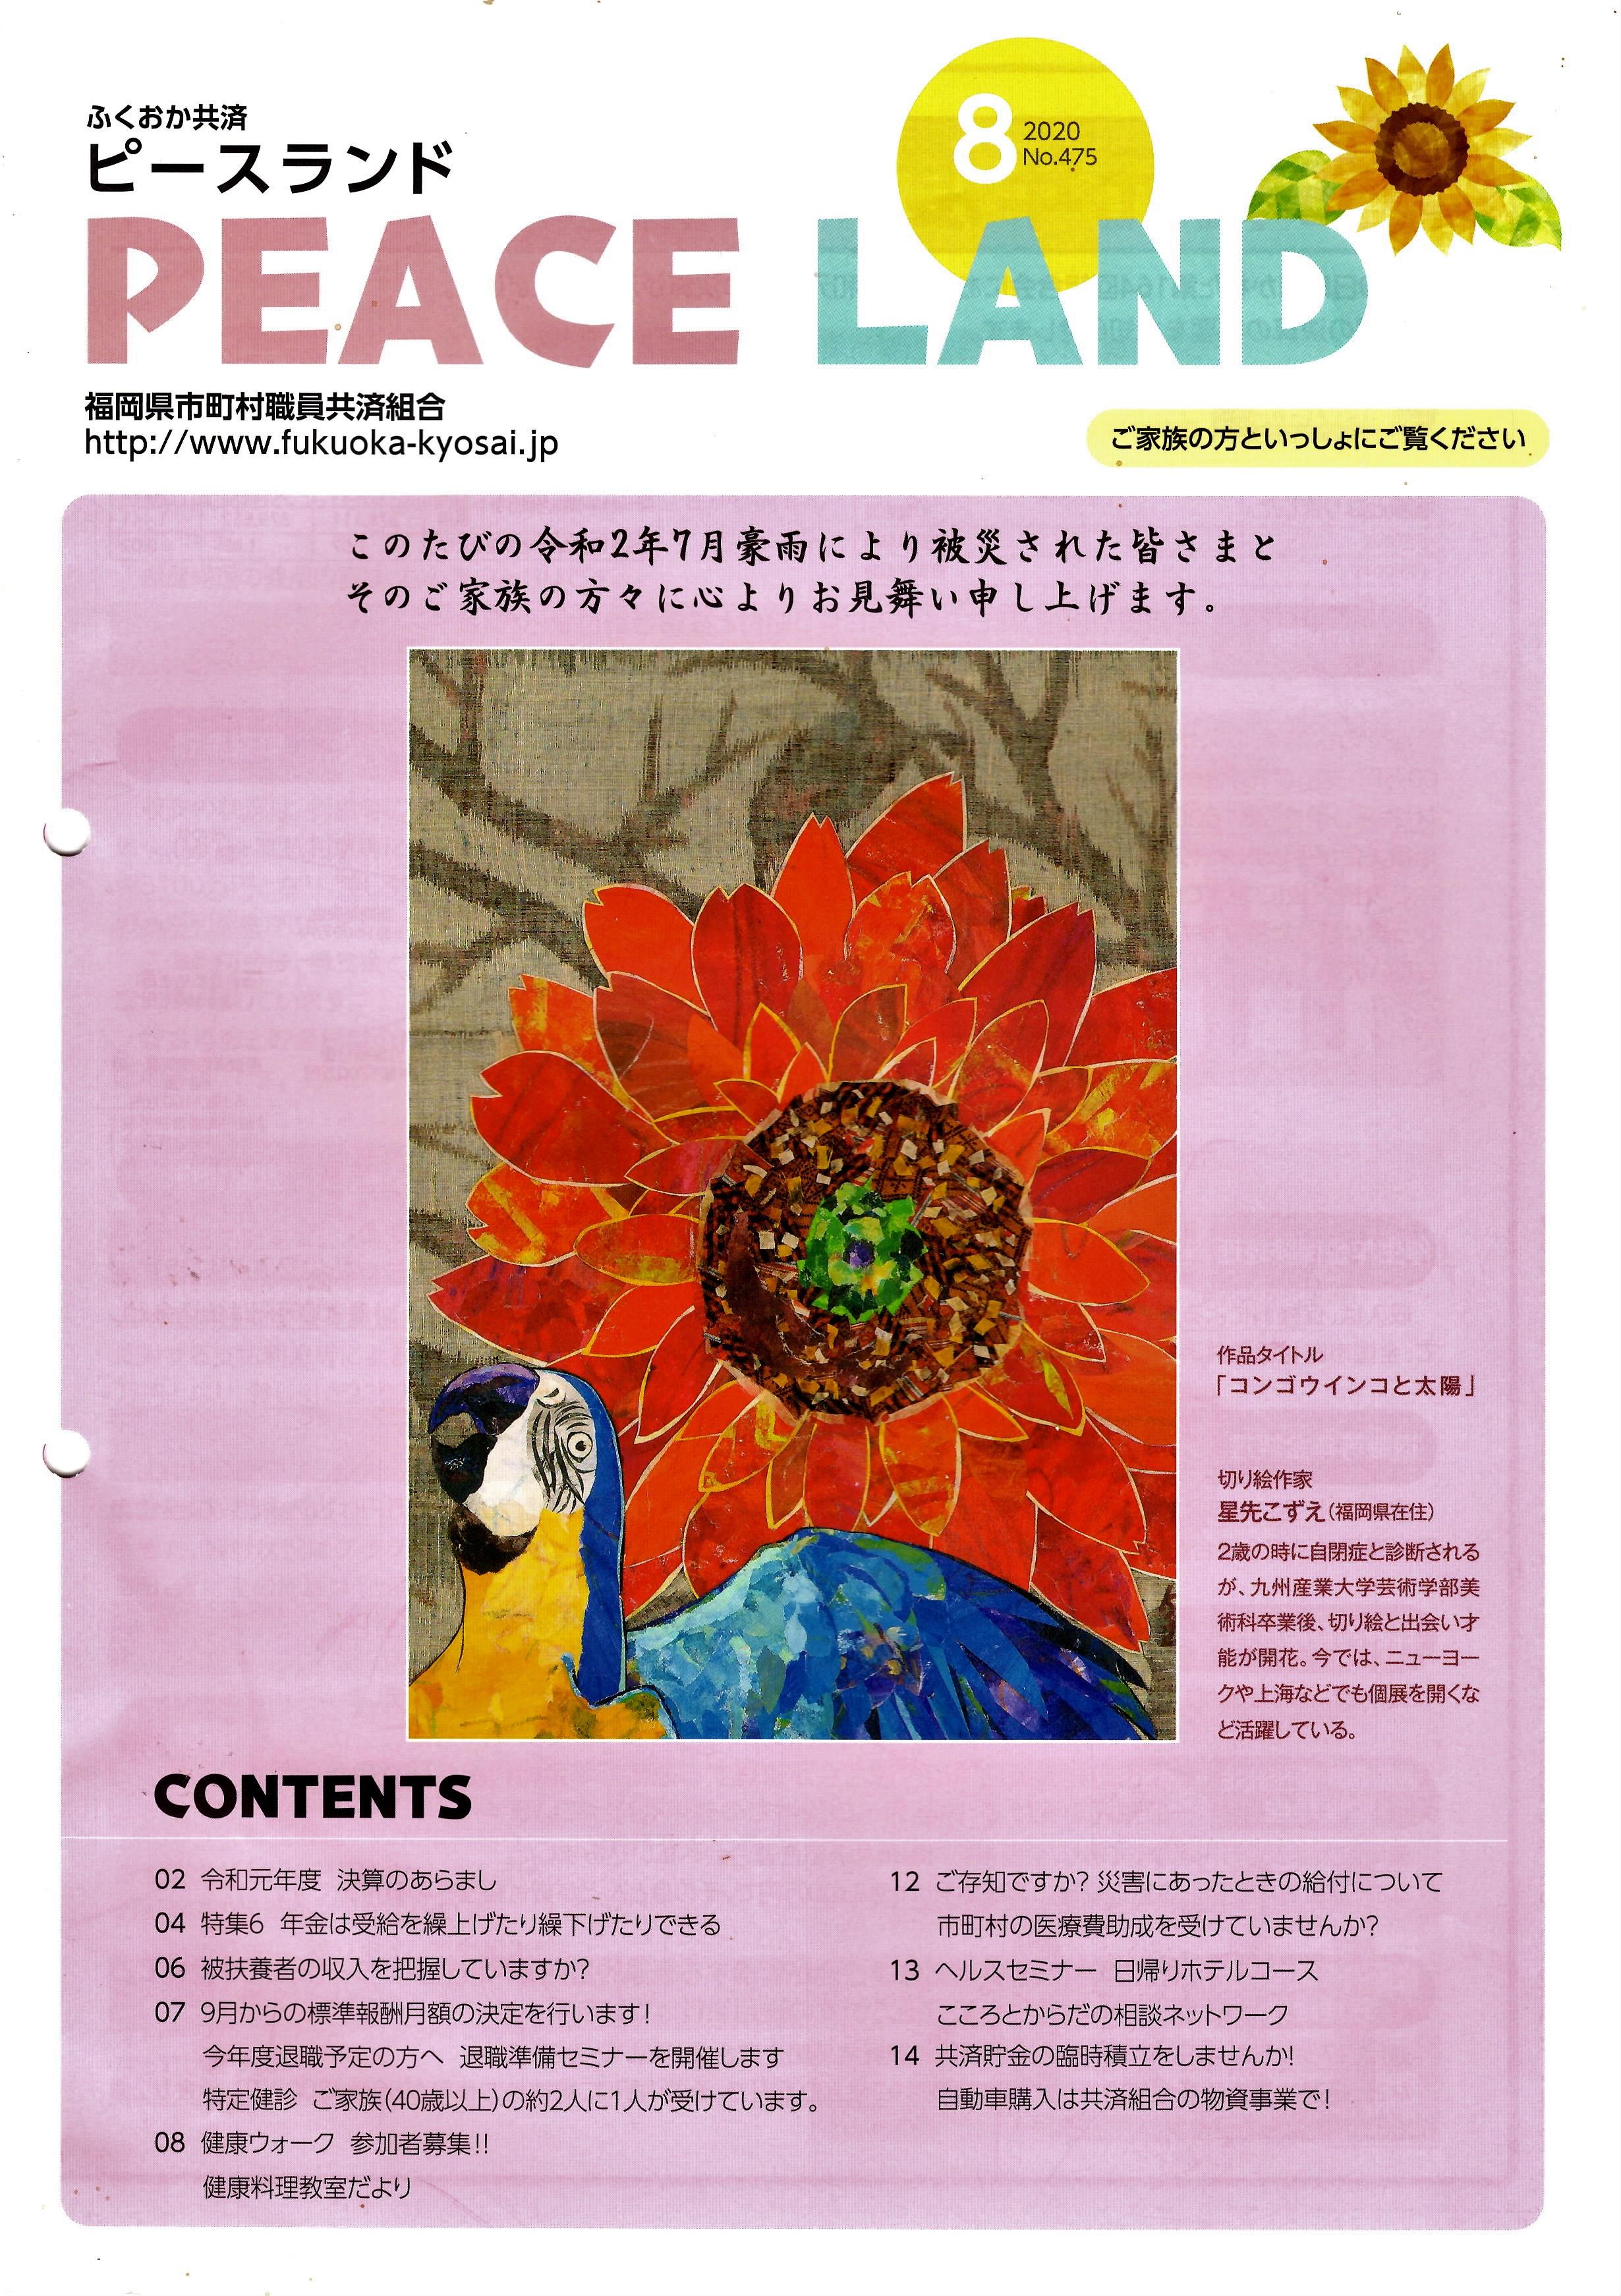 ピースランド2020年8月号表紙と、東京個展中止の件